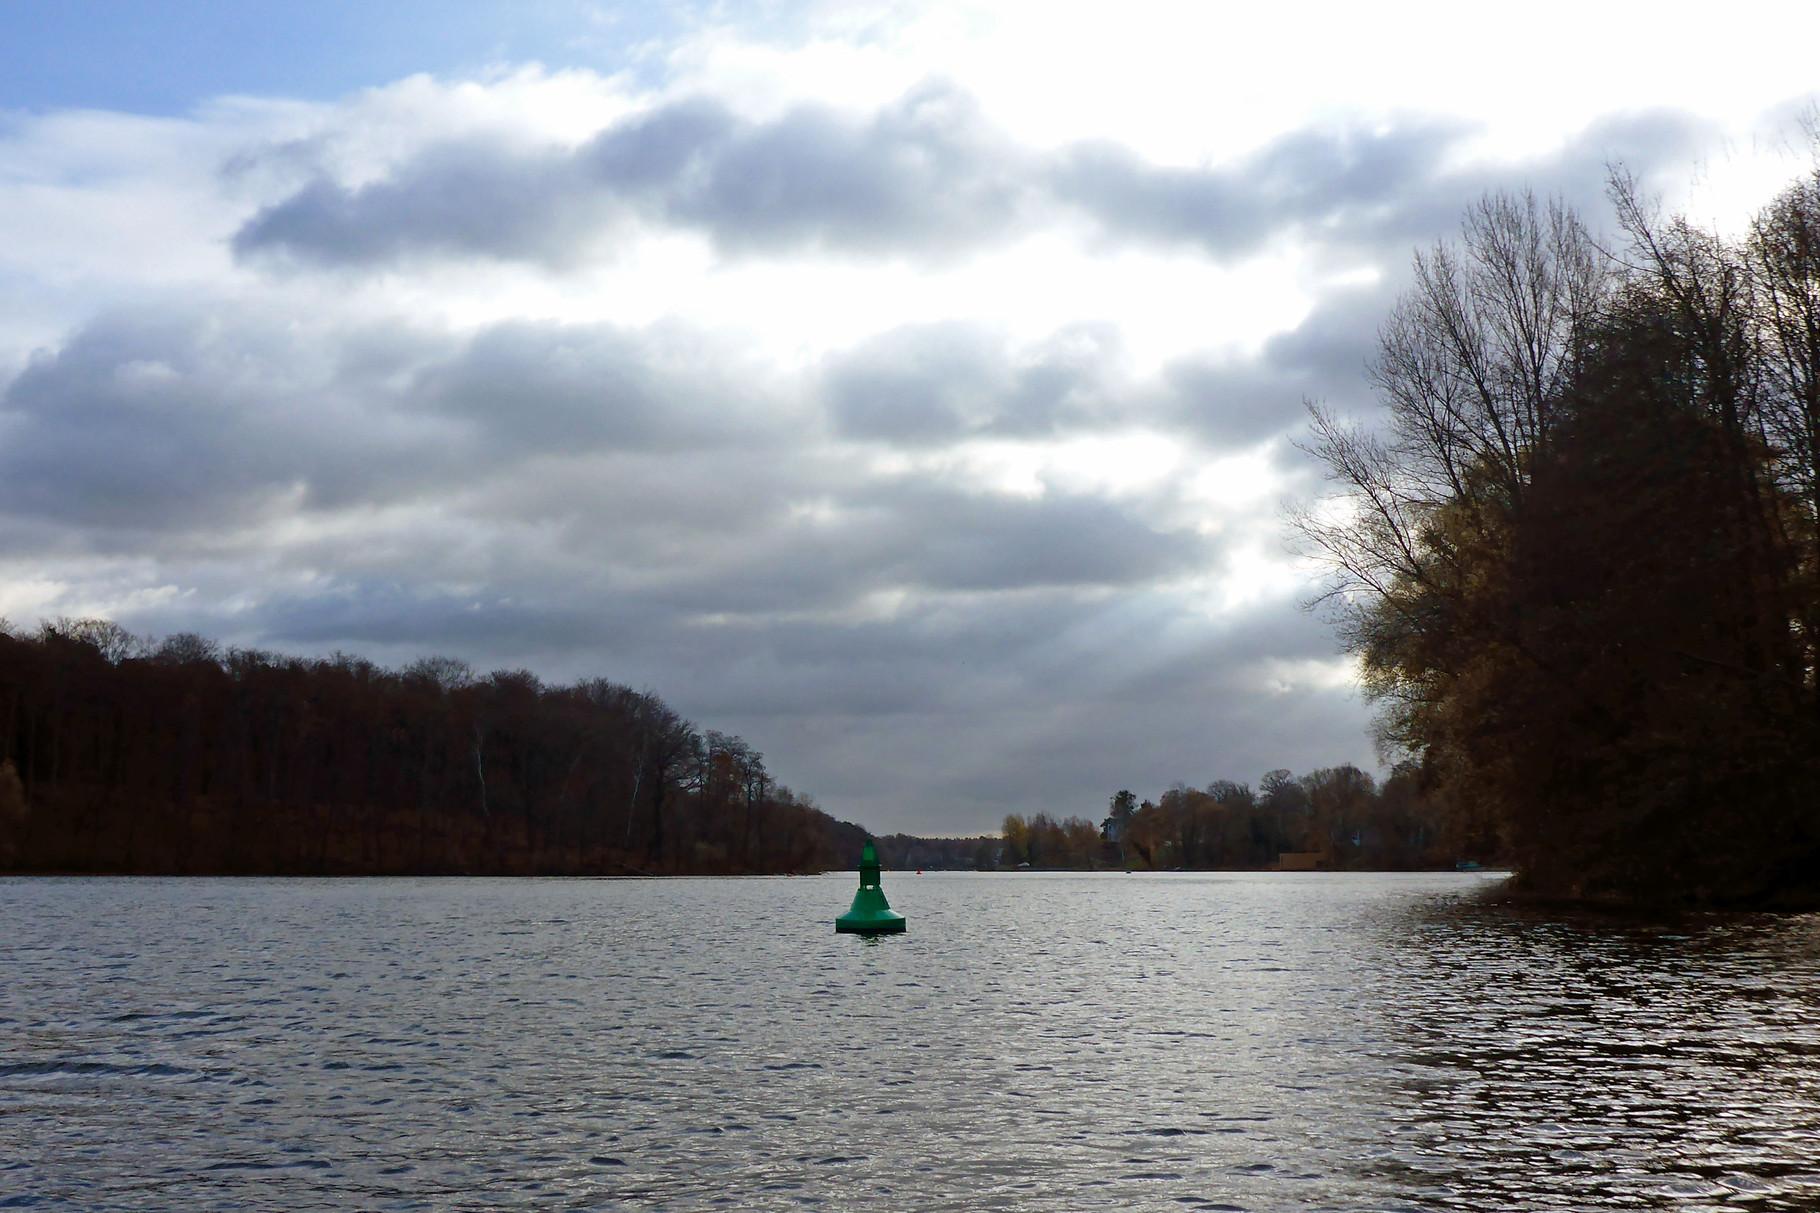 fahren wir über die kleinen Seen.